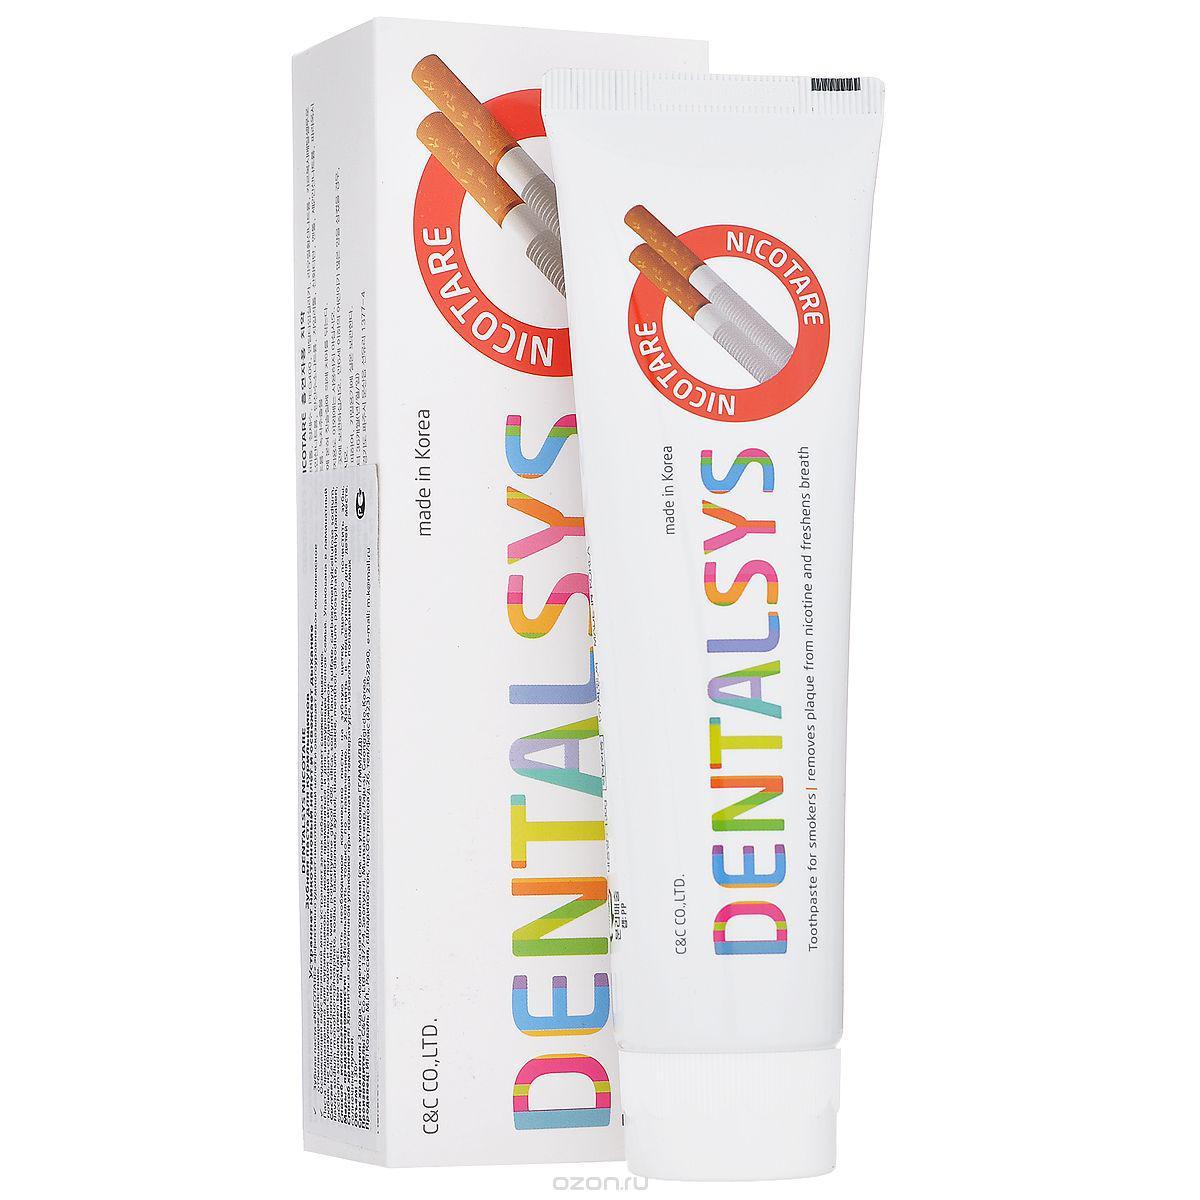 """Зубна паста DC 2080 """"Денталсис Никотар"""" для курців 130 г (220598)"""